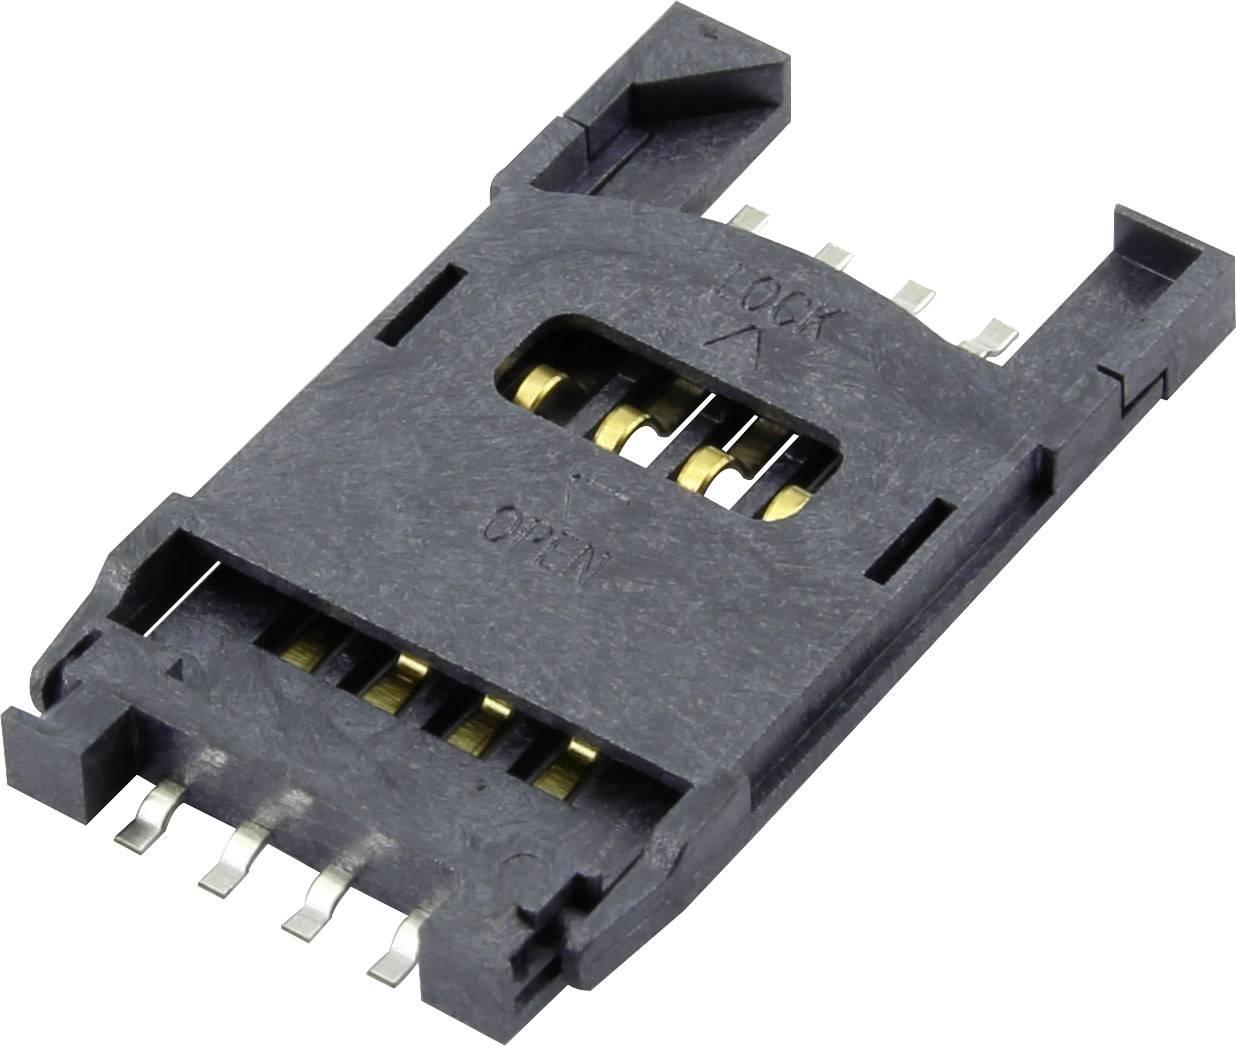 Zásuvka na kartu SIM Attend 115F-ACA0-R, počet kontaktů 6 + 2, 1 ks